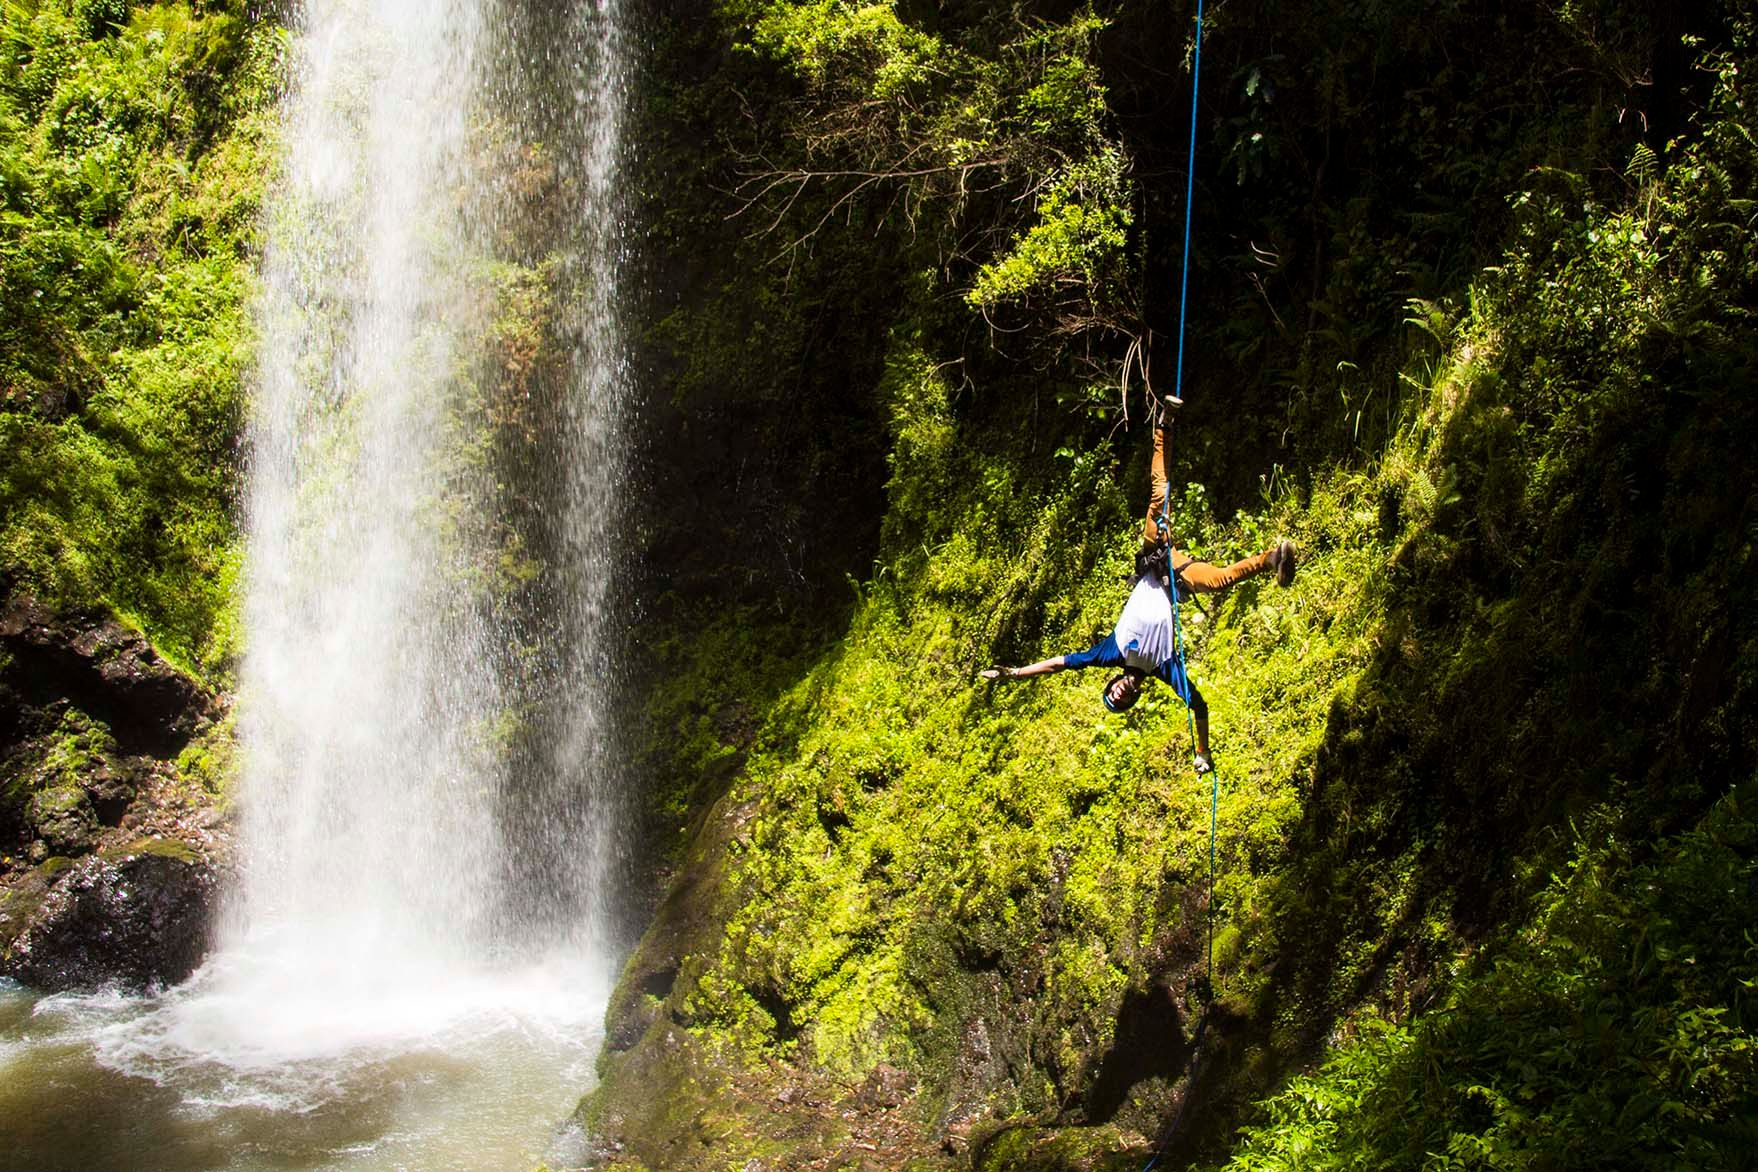 Cachoeira Águas da Lage - Foto: Gralha Azul Turismo e Aventura/Divulgação